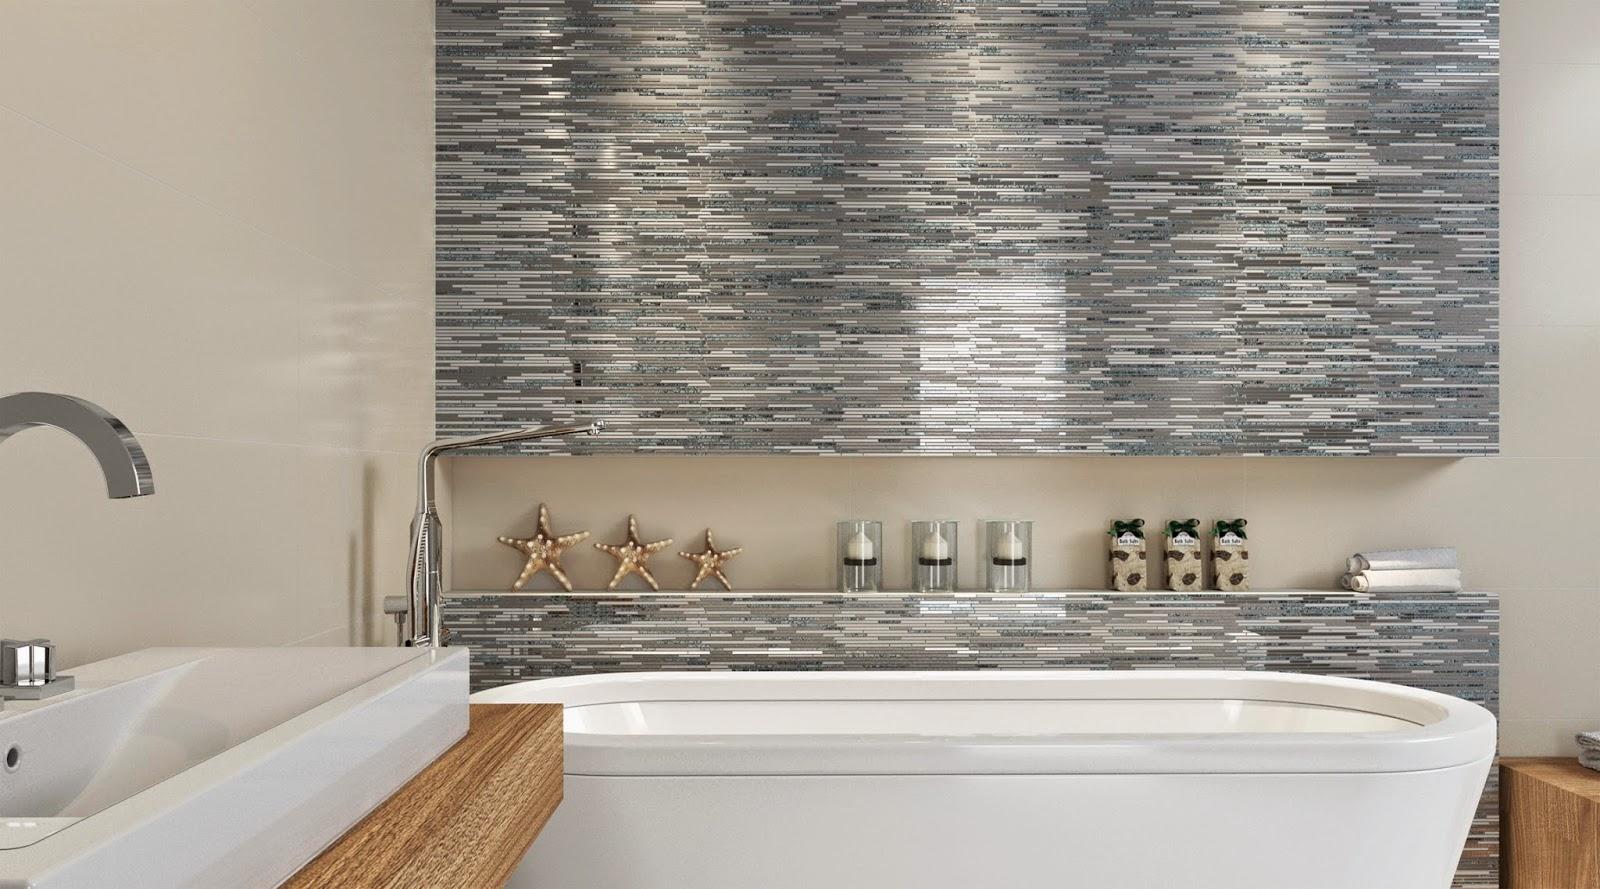 projeto de banheiro utilizando o mosaico MC Line GR - lançamentos 2015 da Cerâmica Portinari